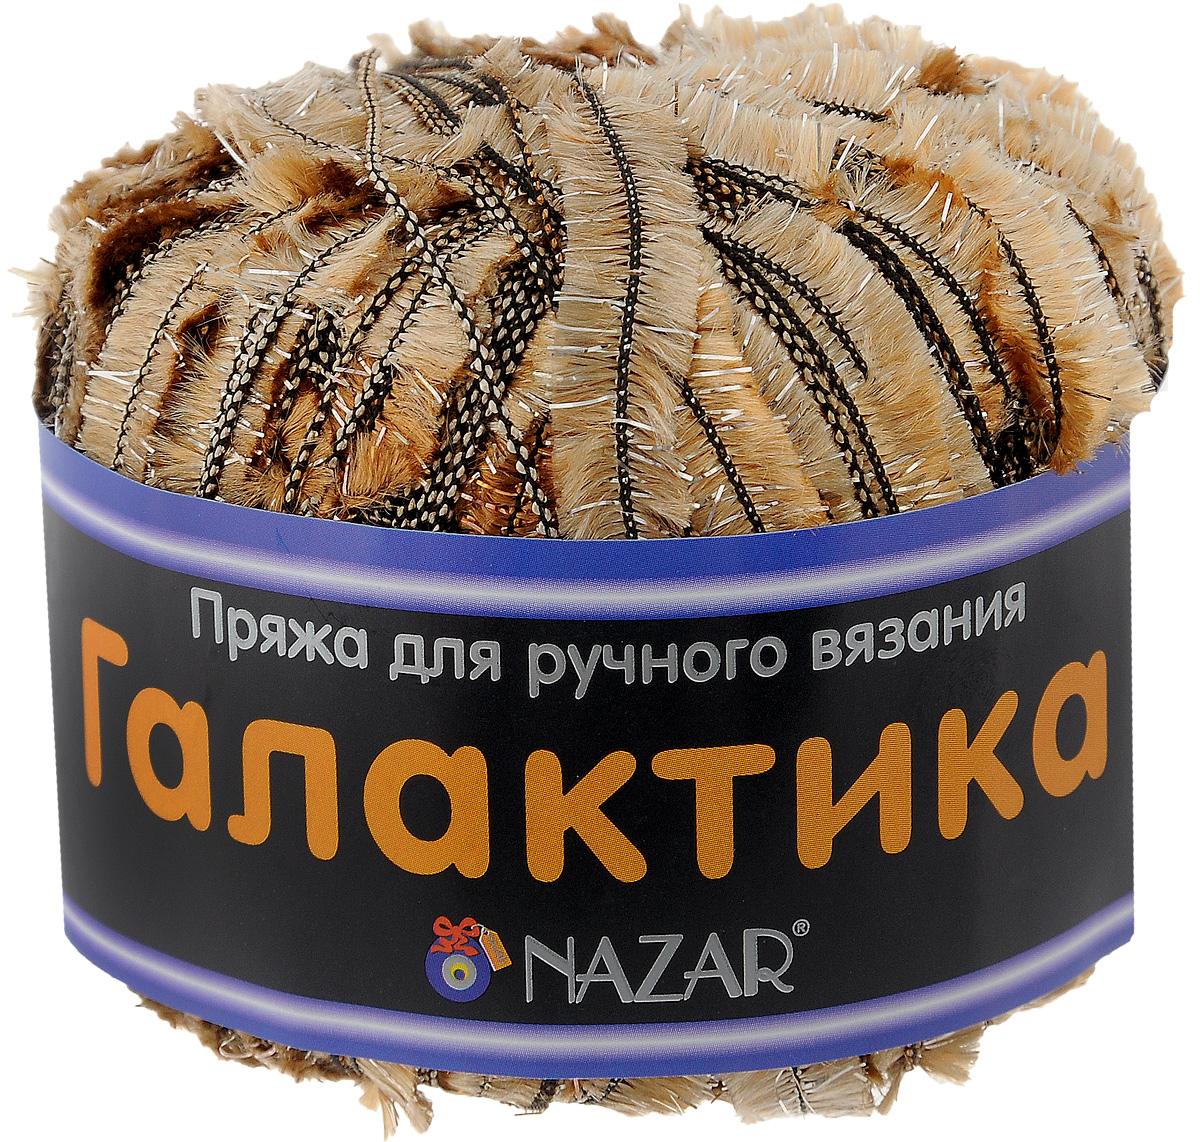 Пряжа для вязания Nazar Галактика, цвет: кремовый, коричневый, серебристый (2037), 125 м, 50 г, 10 шт349007_2037Пряжа для вязания Nazar Галактика изготовлена из полиэстера с добавлением люрекса. Это очень популярная декоративная пряжа для ручного вязания. Из нее получаются модные и очень красивые палантины, роскошные пелерины и нарядные кофточки. Пряжа очень красивая, вяжется легко и быстро. Может использоваться как основная или отделочная пряжа. Если сложить 1 нить Галактики с 1-й нитью классической пряжи, подходящей по цвету и фактуре, вы можете создать свое неповторимое полотно. Для вязания рекомендуется крючок №5-8 и спицы №5-6. Состав: 80% полиэстер, 20% люрекс. Ширина нити: 10 мм. Комплектация: 10 шт.